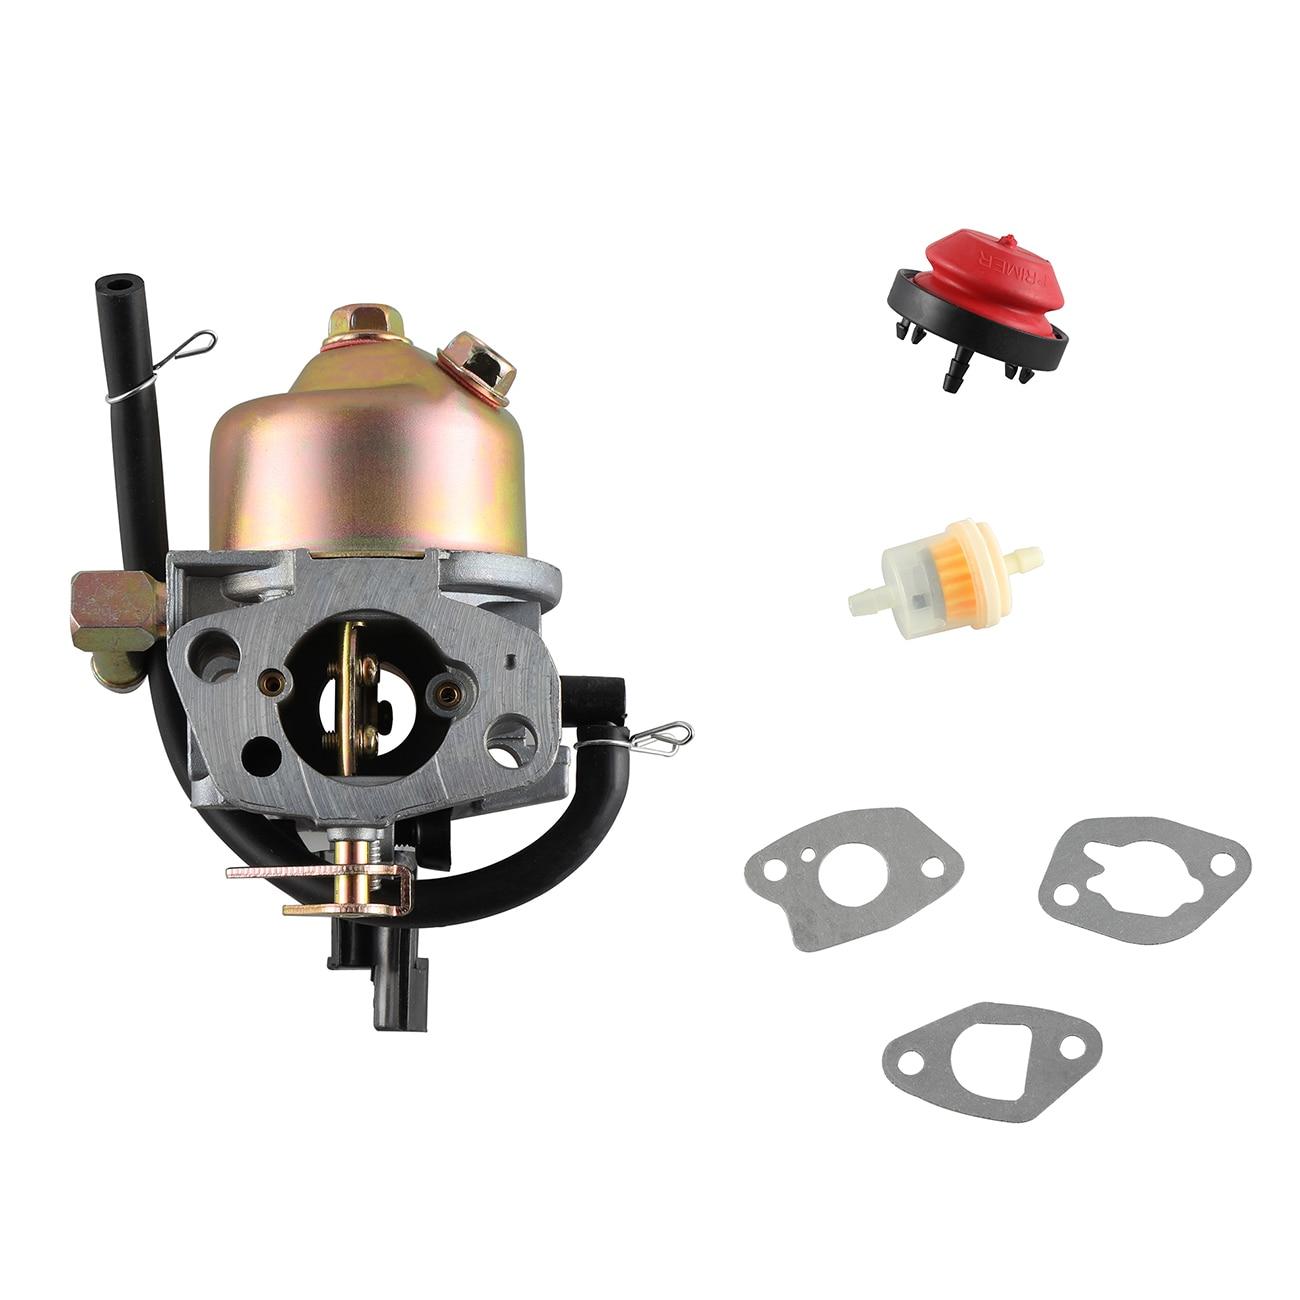 Carburetor For Snow Blower 951-14026A 951-14027A 951-10638A 170SA 170-SU